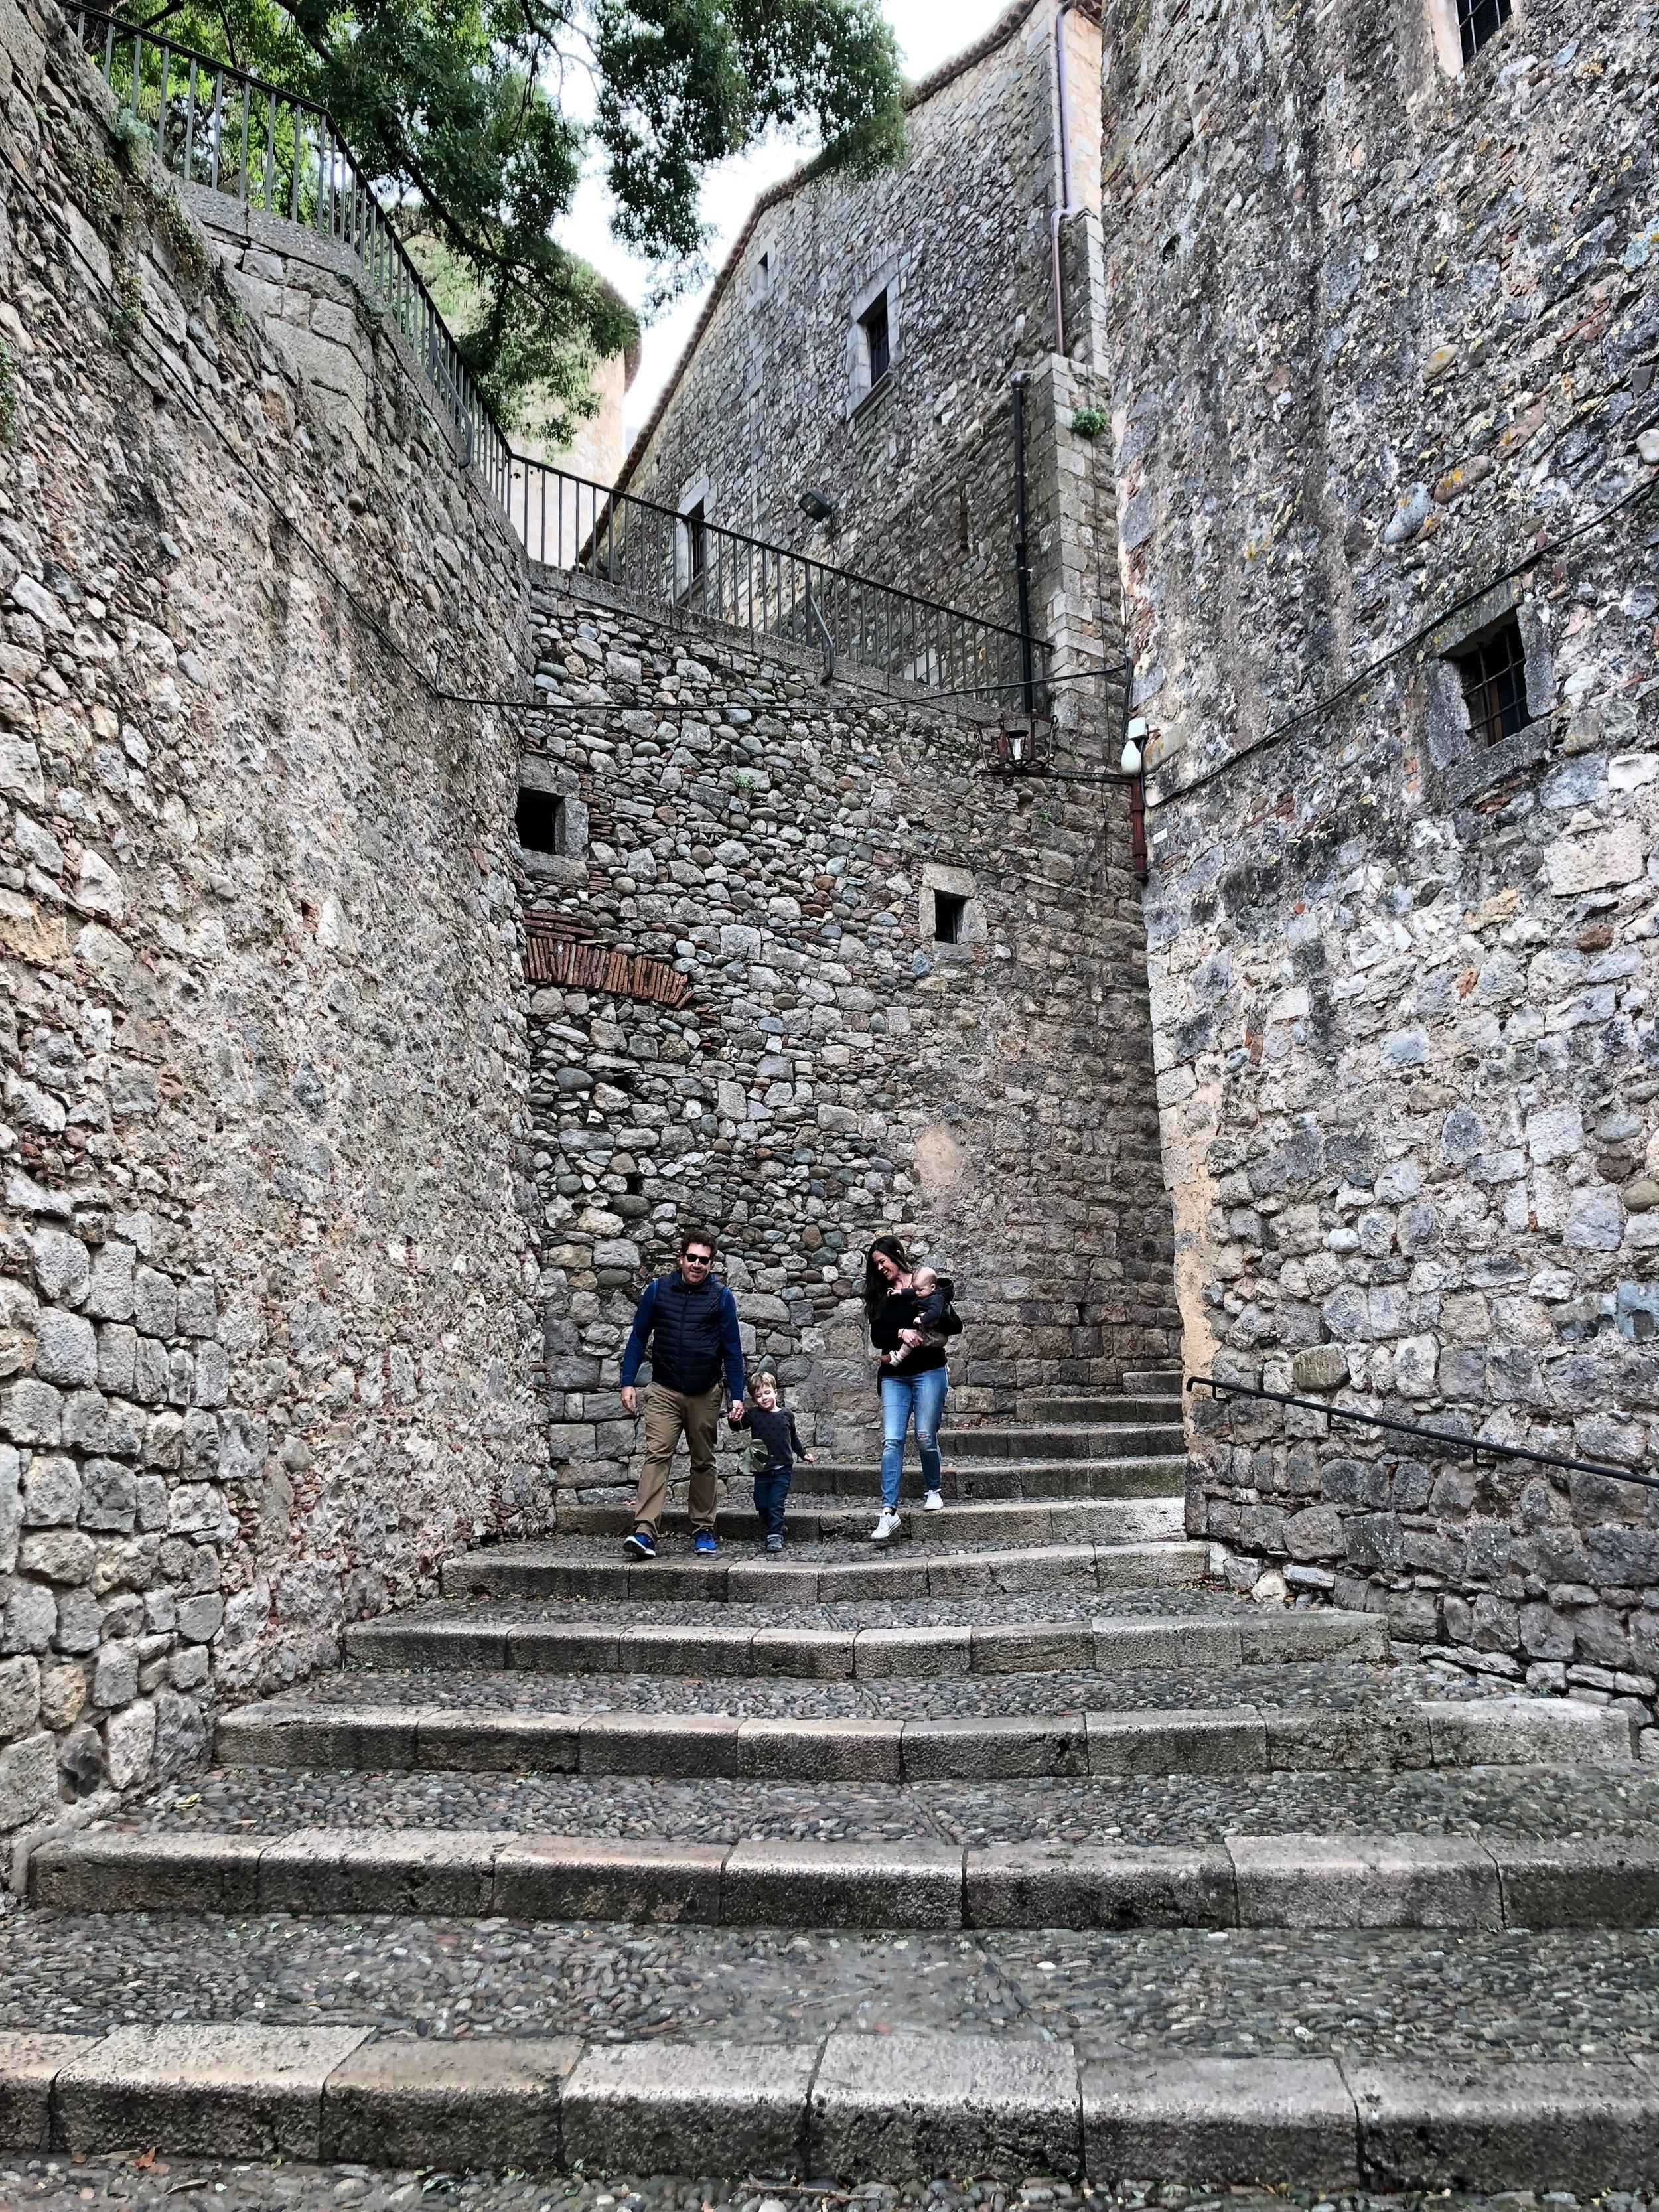 Gleeson-FF-Travels_Girona_Spain.JPG